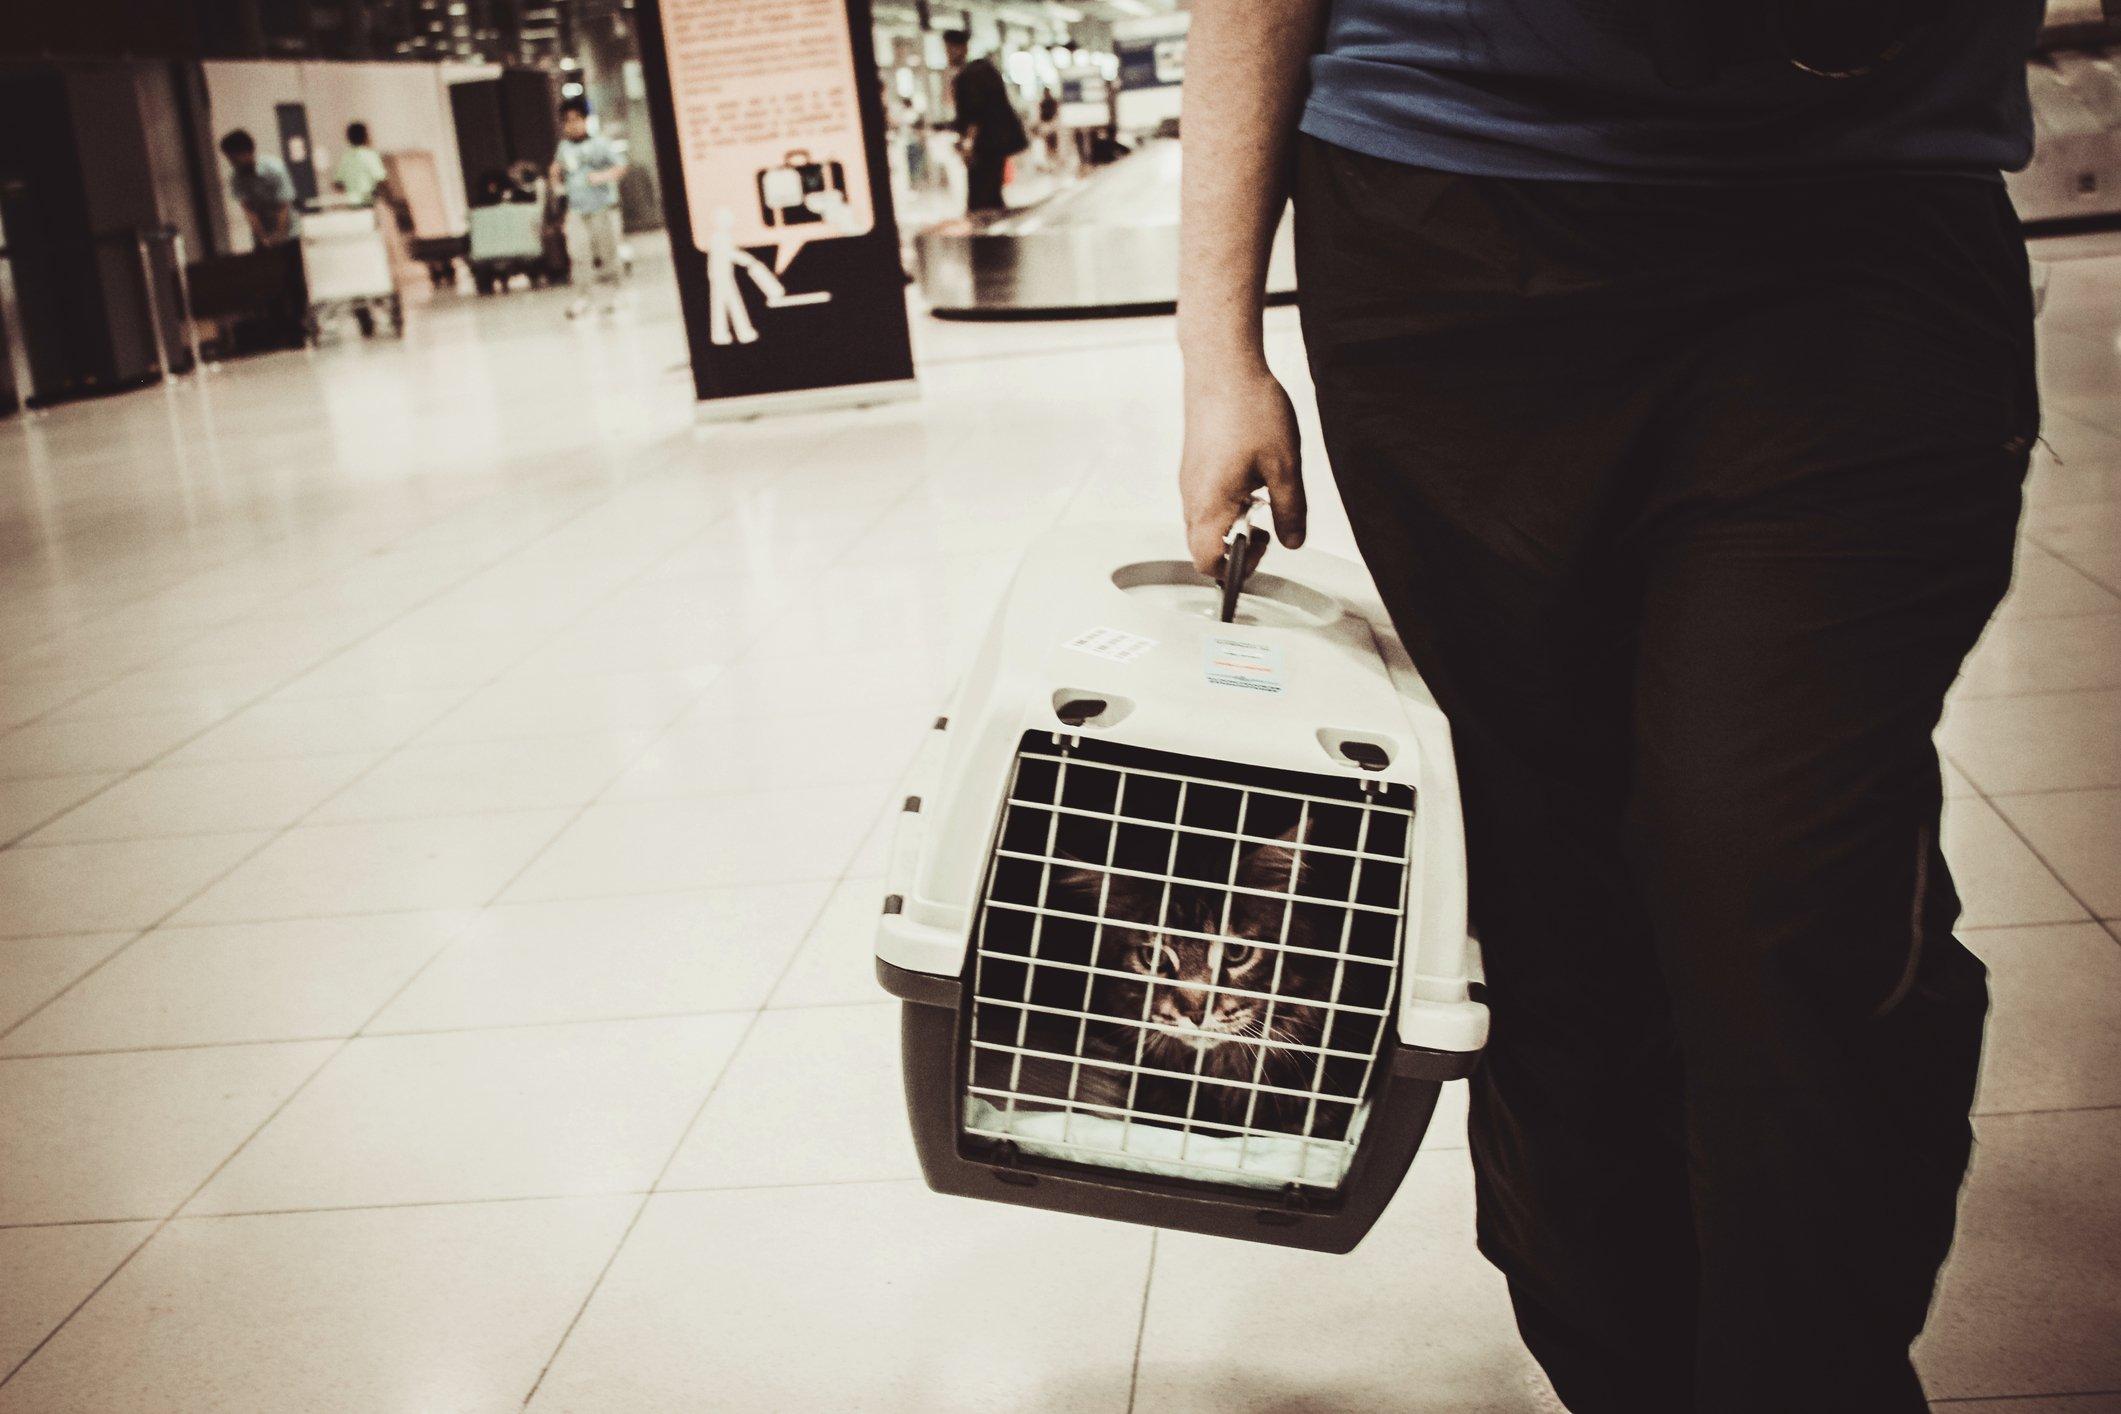 Cat travel airport